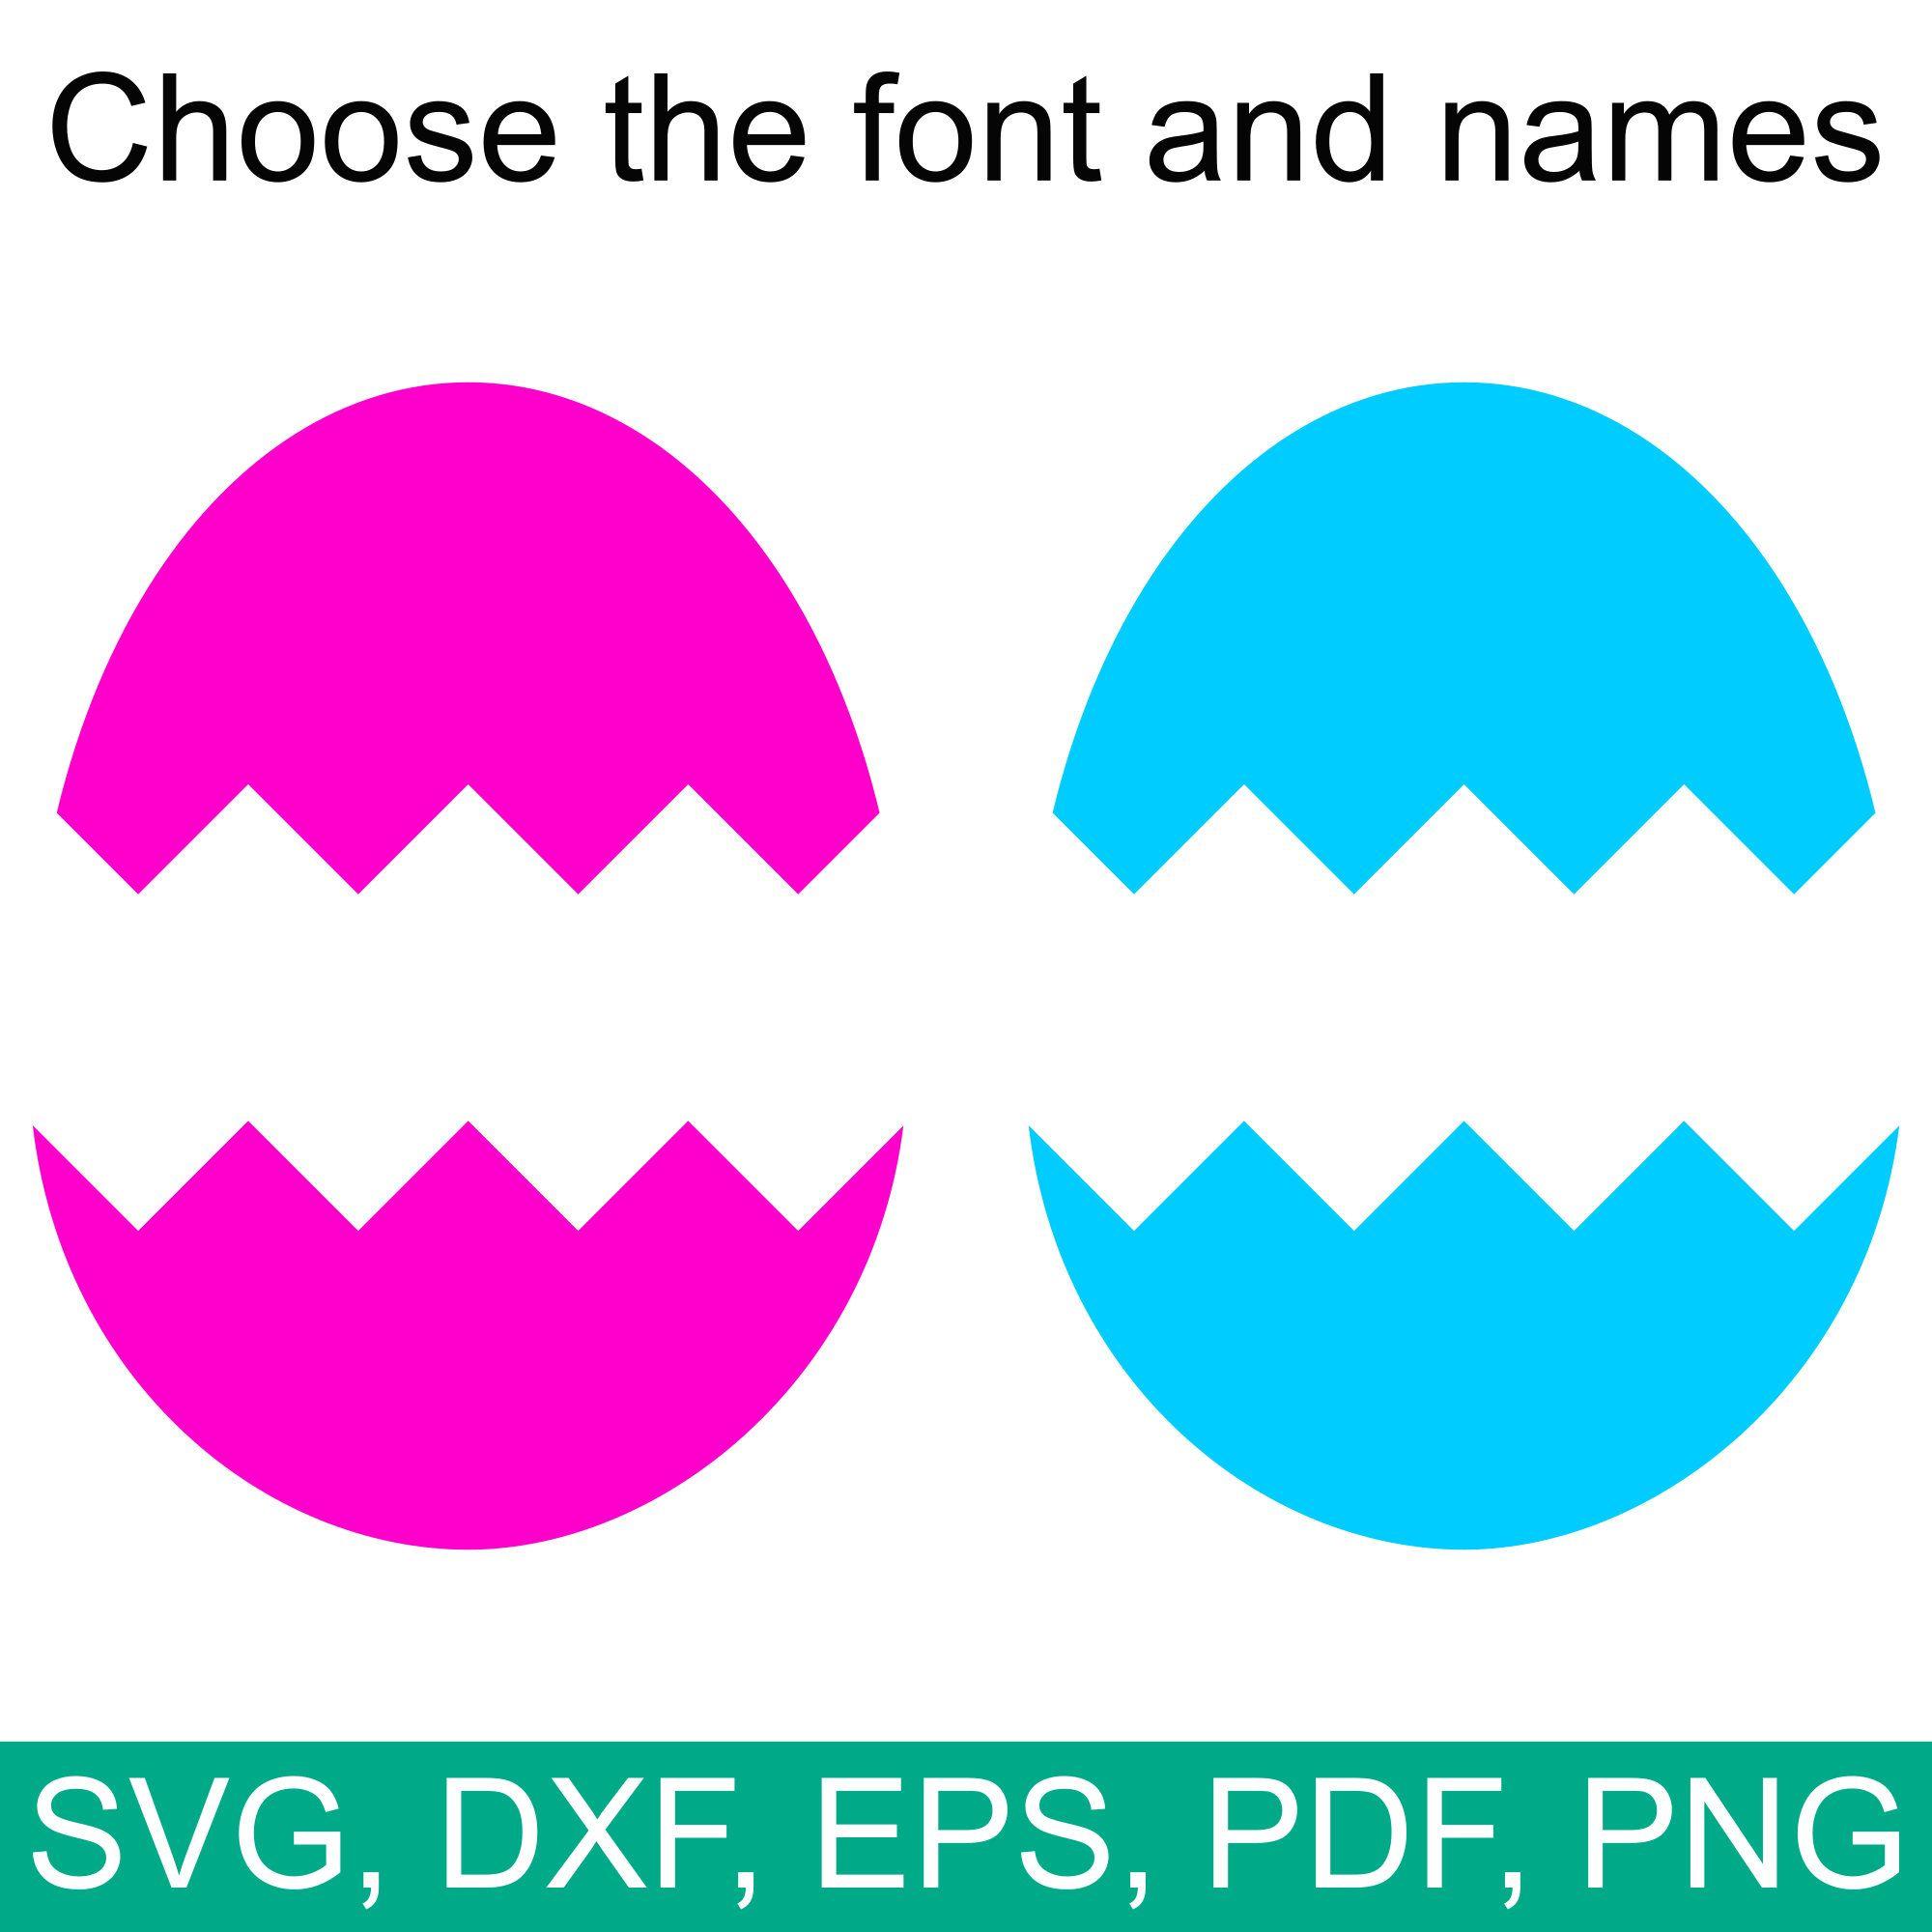 Split Easter Egg Monogram SVG Frame, a Cracked Easter Egg that makes.